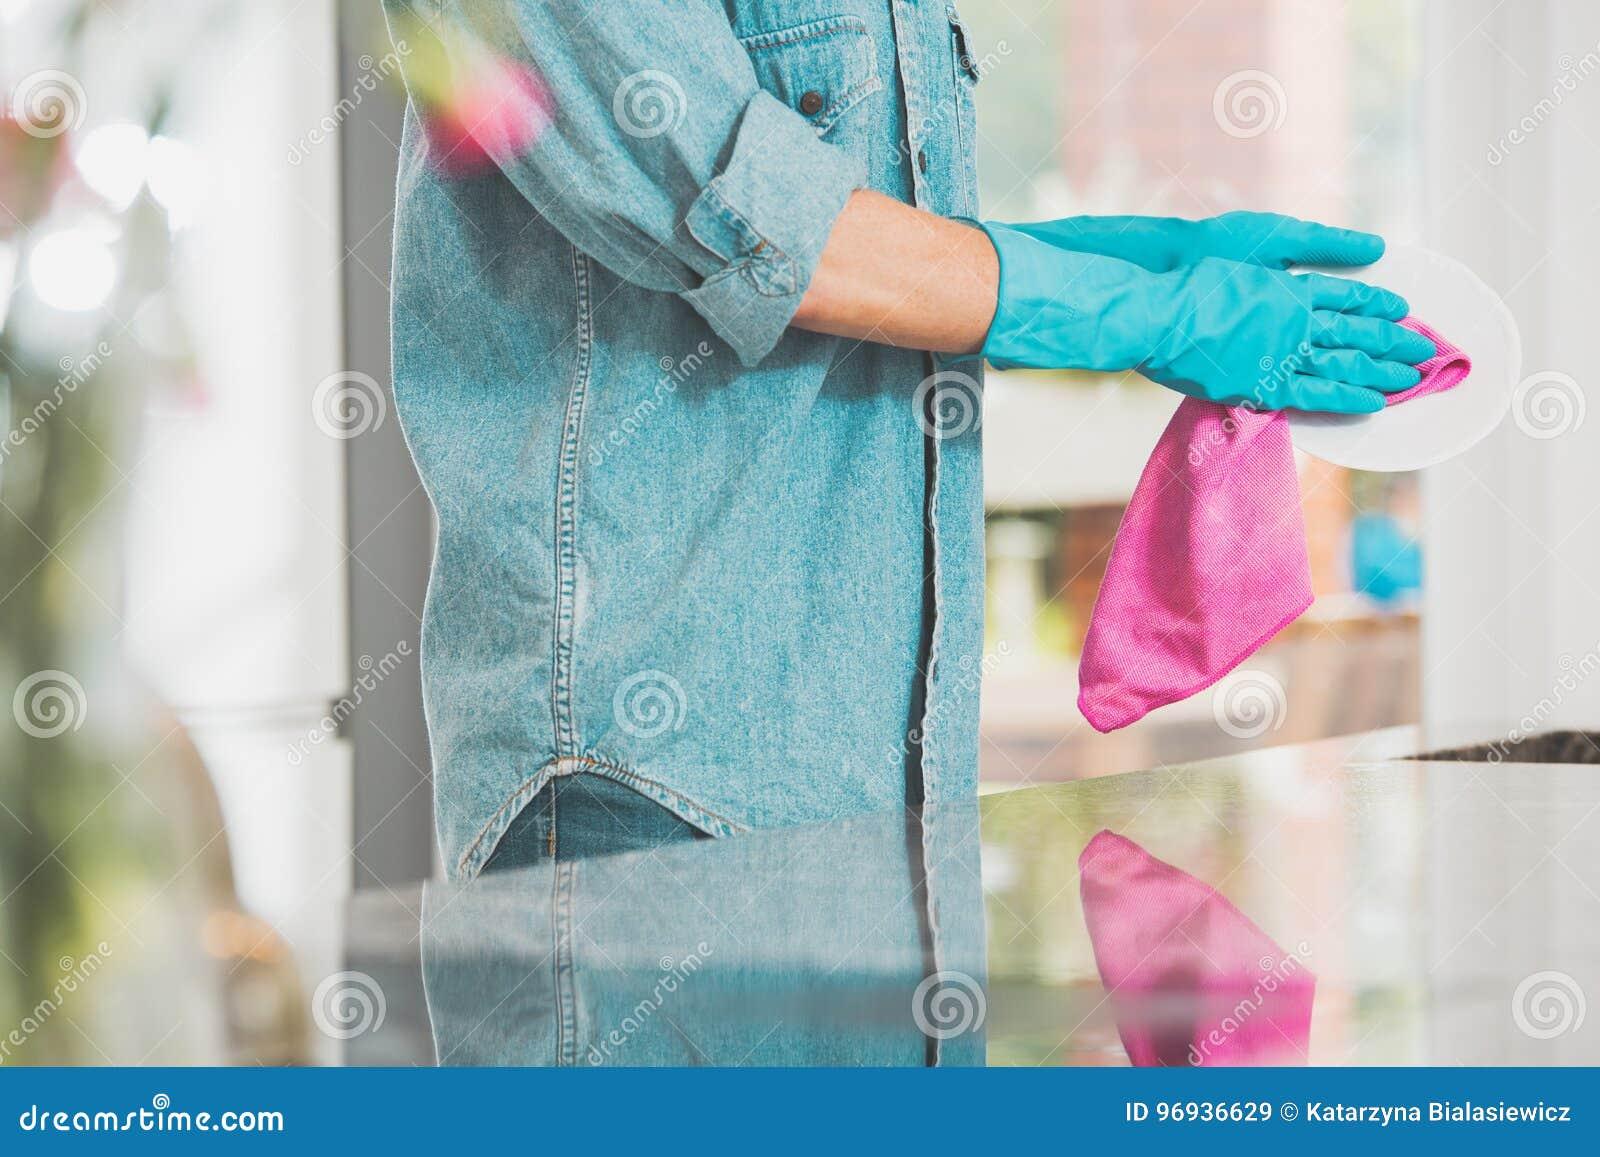 Kobieta w cajgach koszulowych